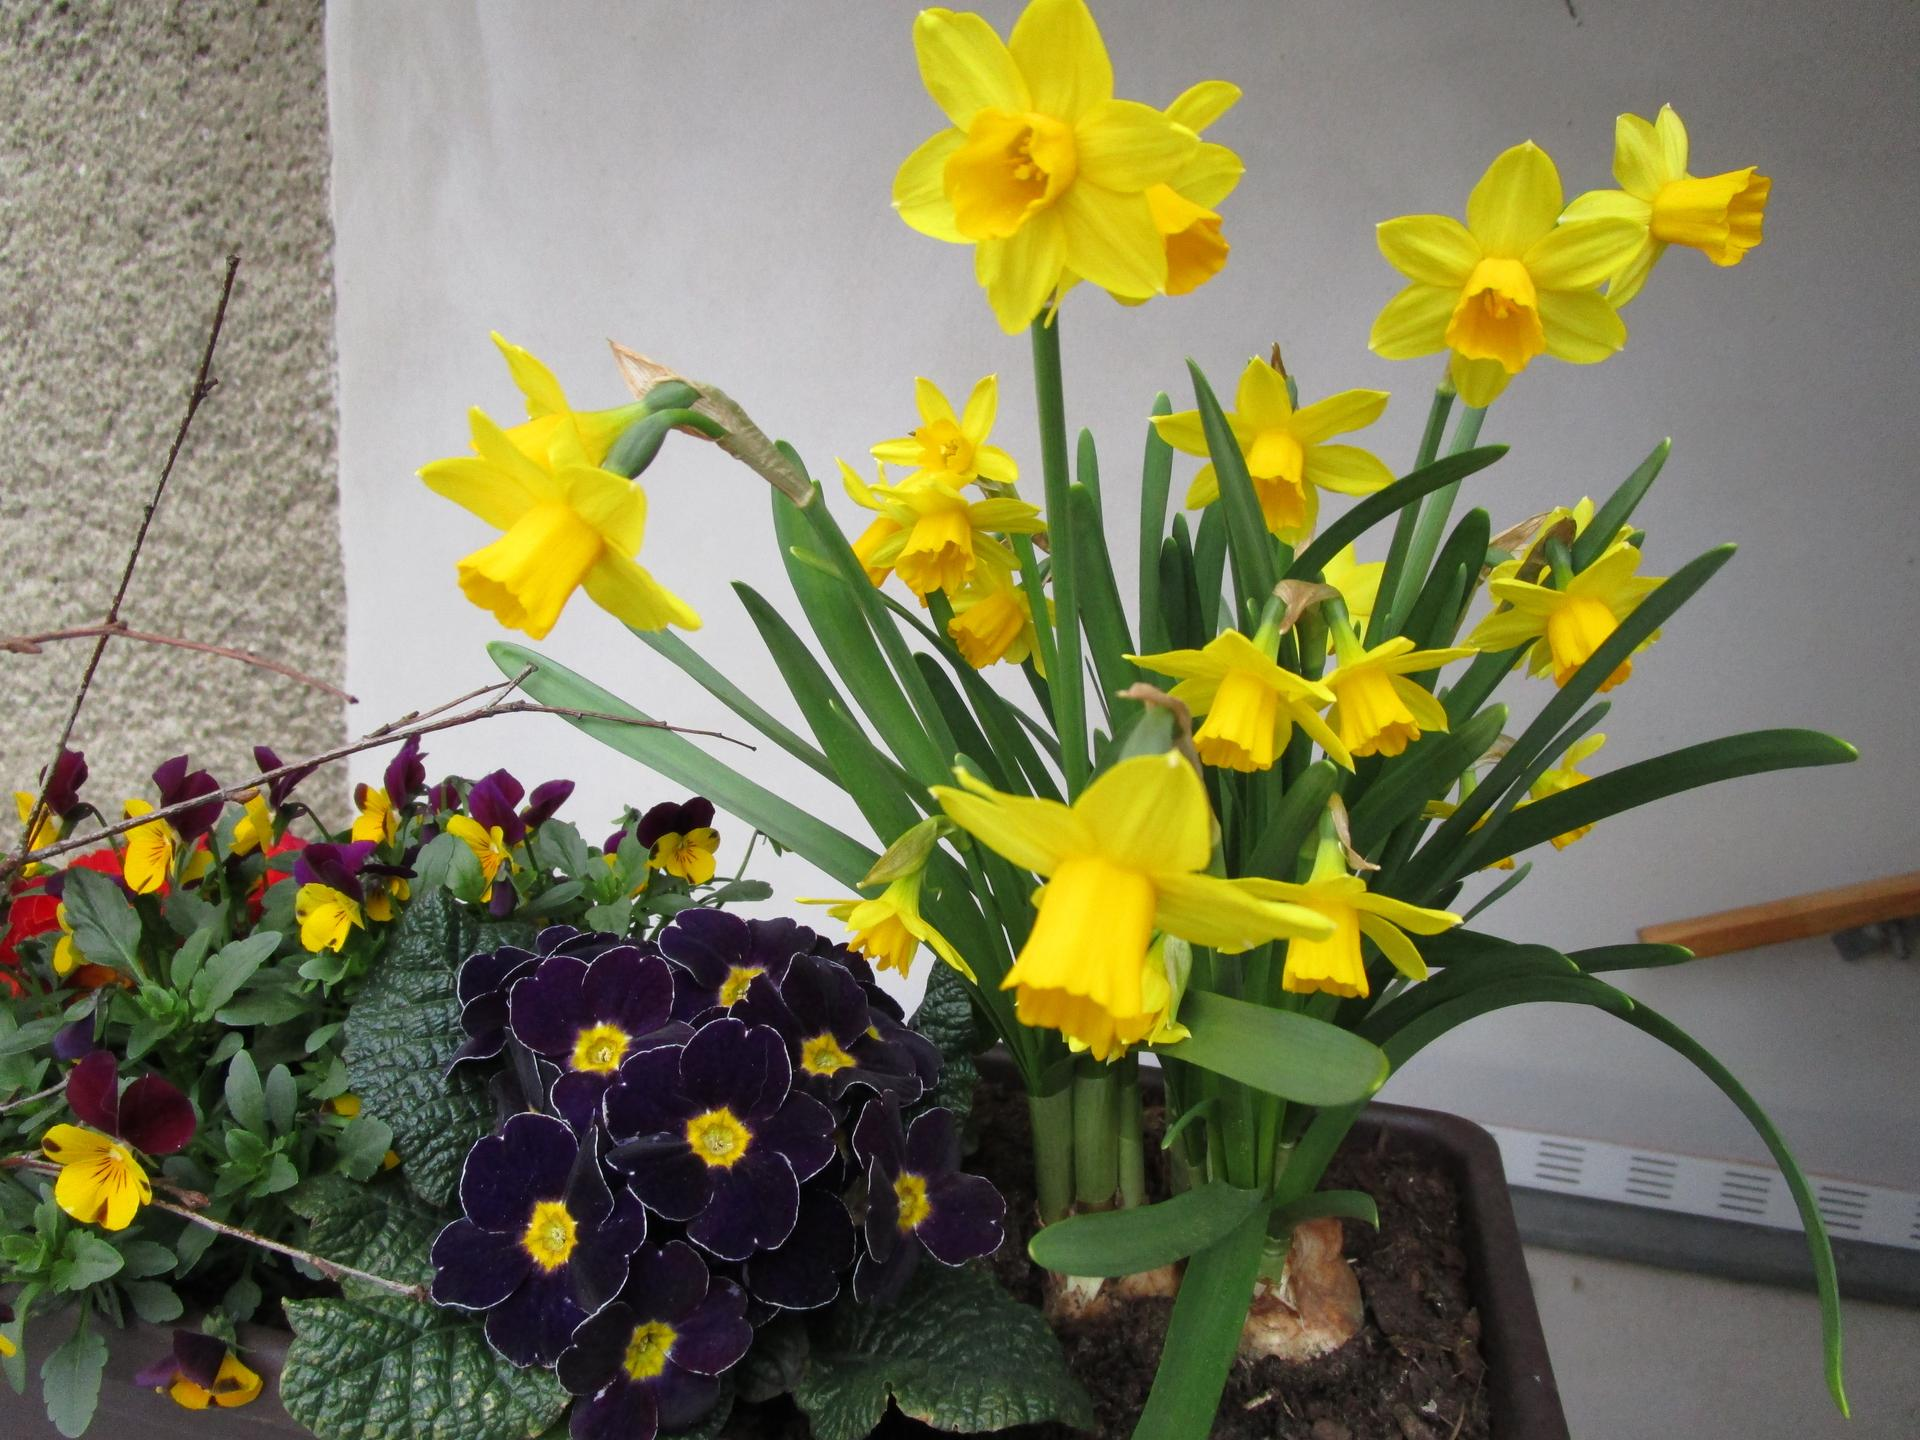 Vítáme jaro ... - Obrázek č. 6